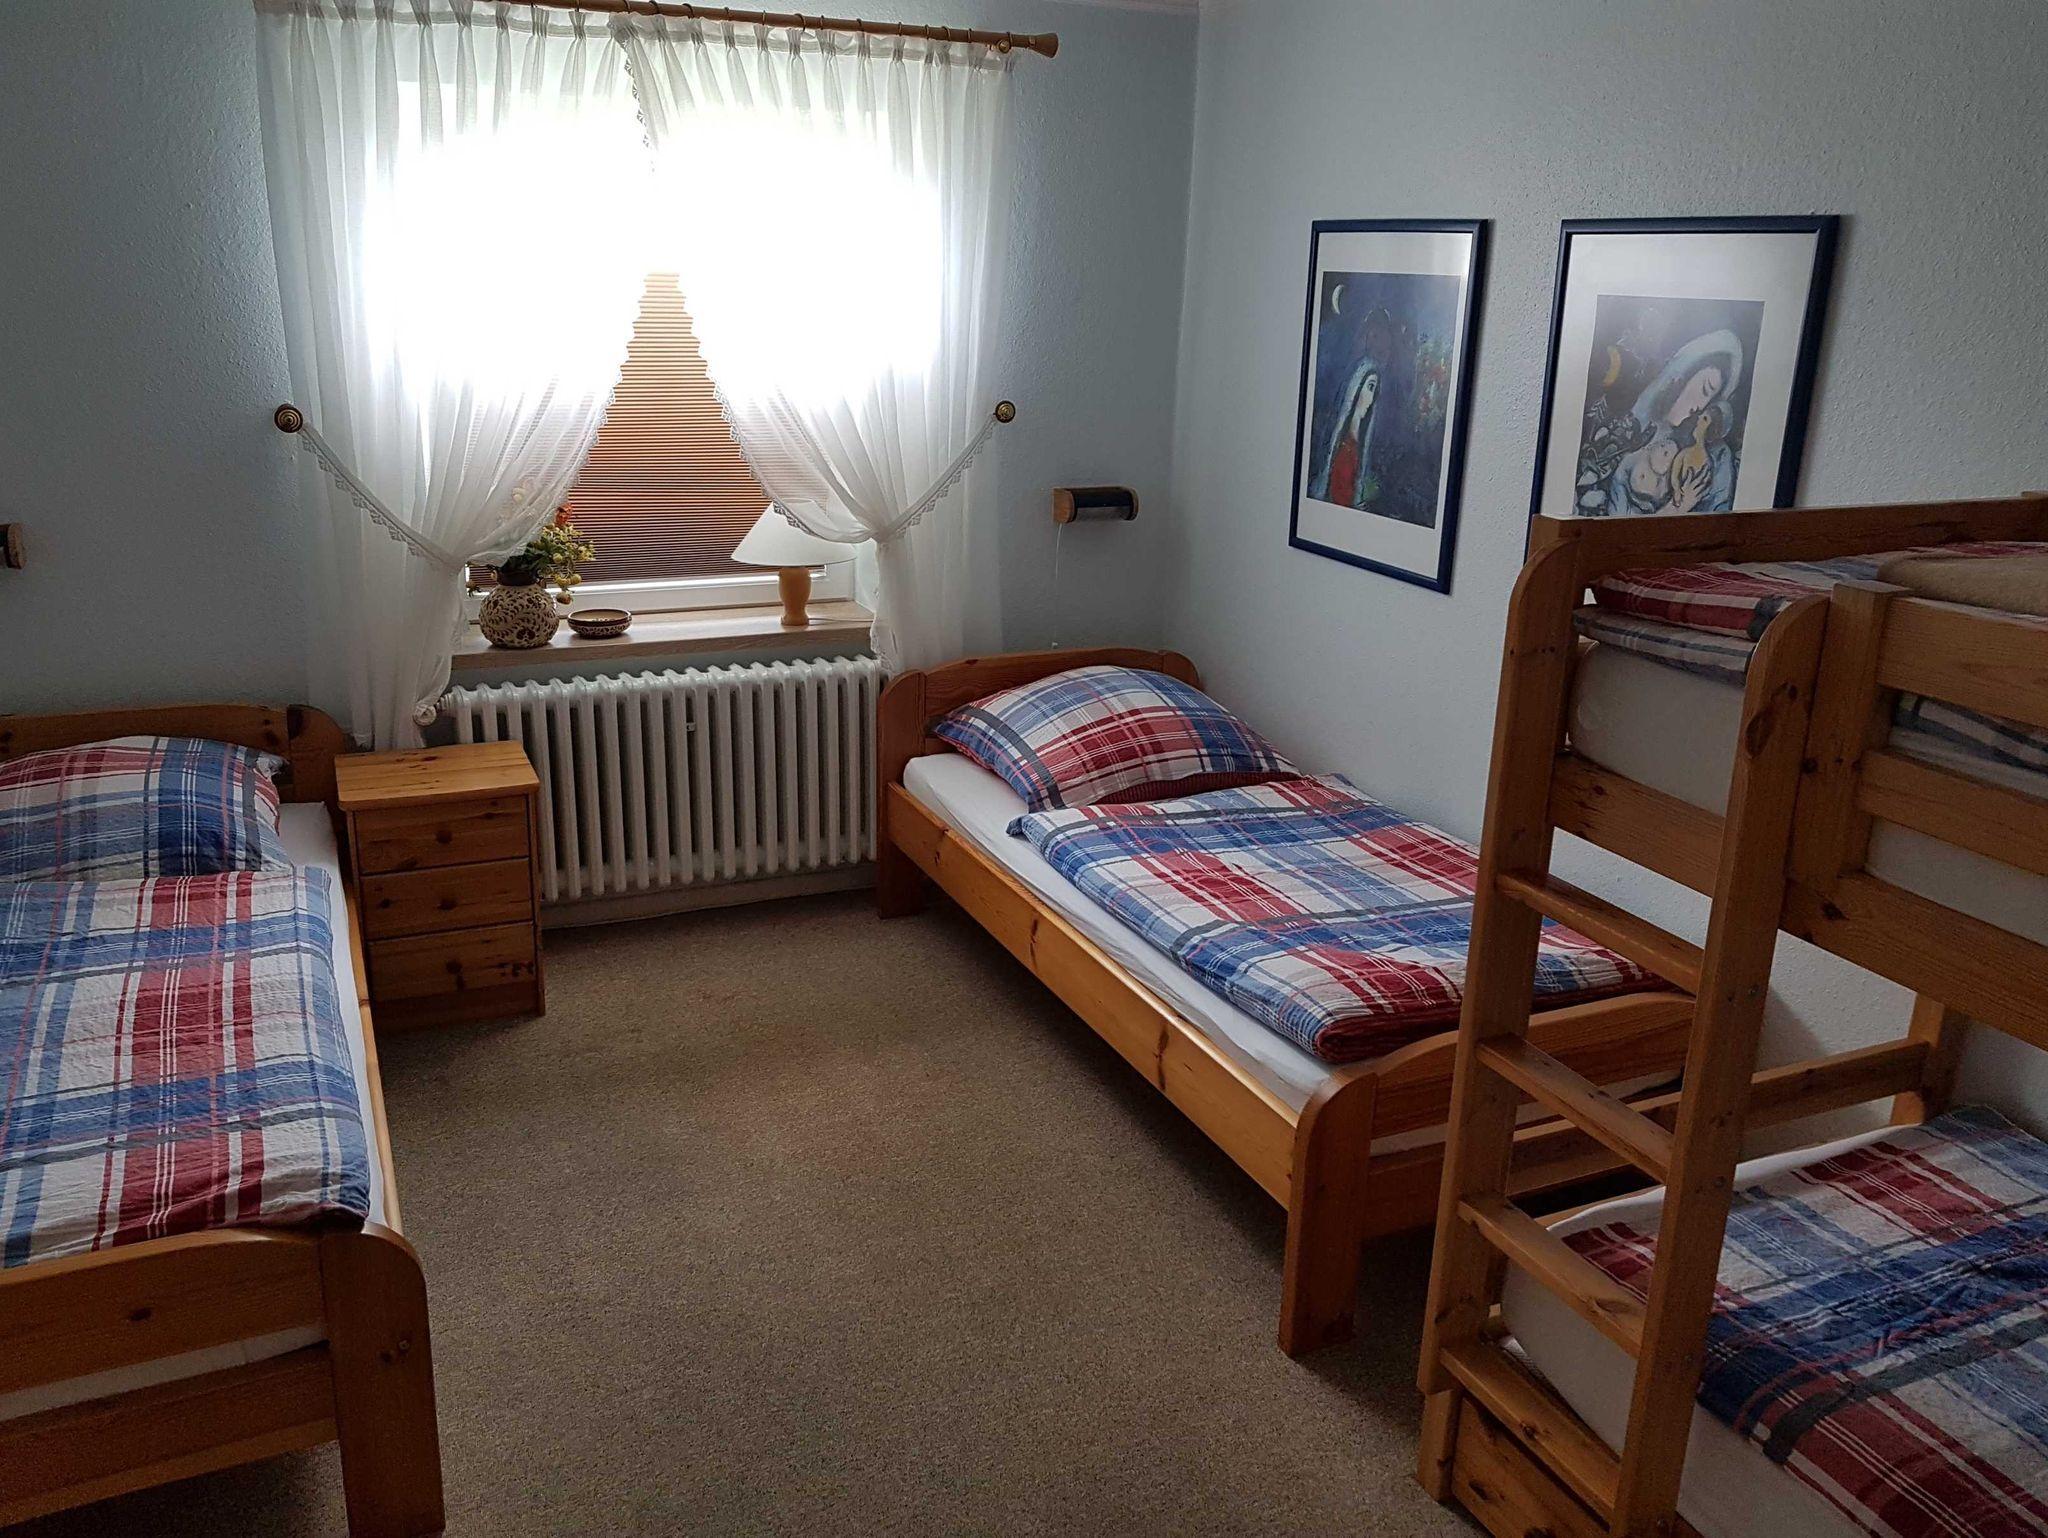 Zöllnerhaus Rantum, Ferienwohnung im Zöllnerhaus